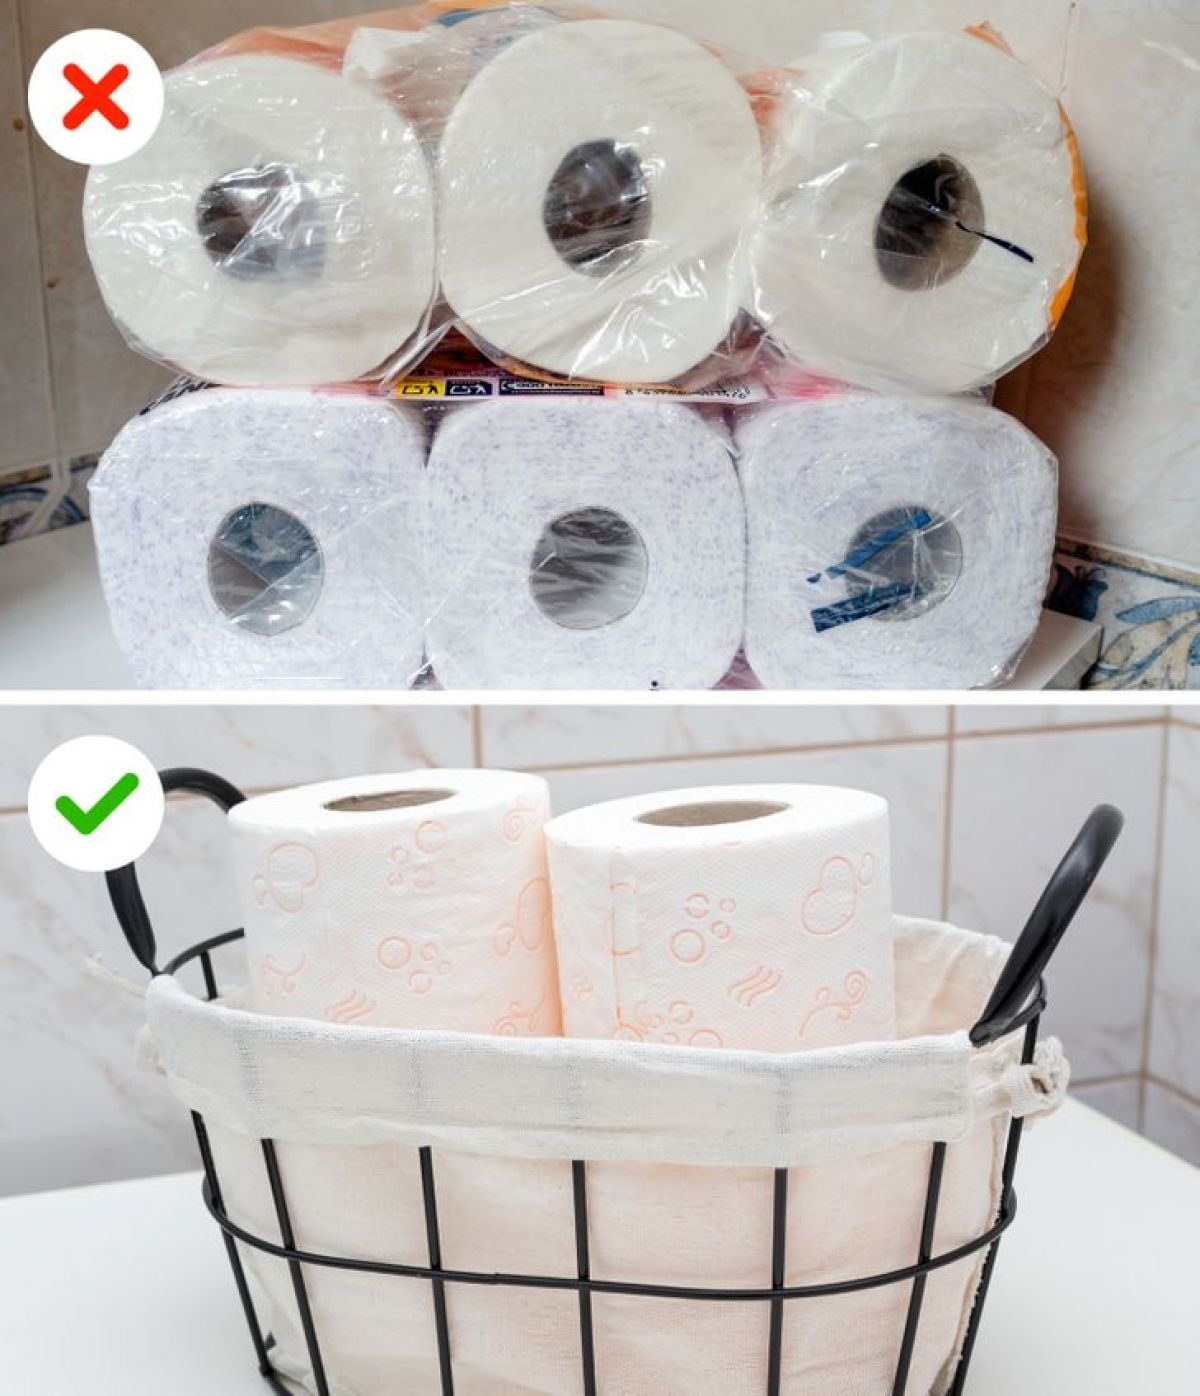 """Giấy vệ sinh cũng là vật dụng thường được các gia chủ """"chất đống"""" trong phòng tắm. Hãy để một số lượng vừa phải và thay thế khi gần hết."""